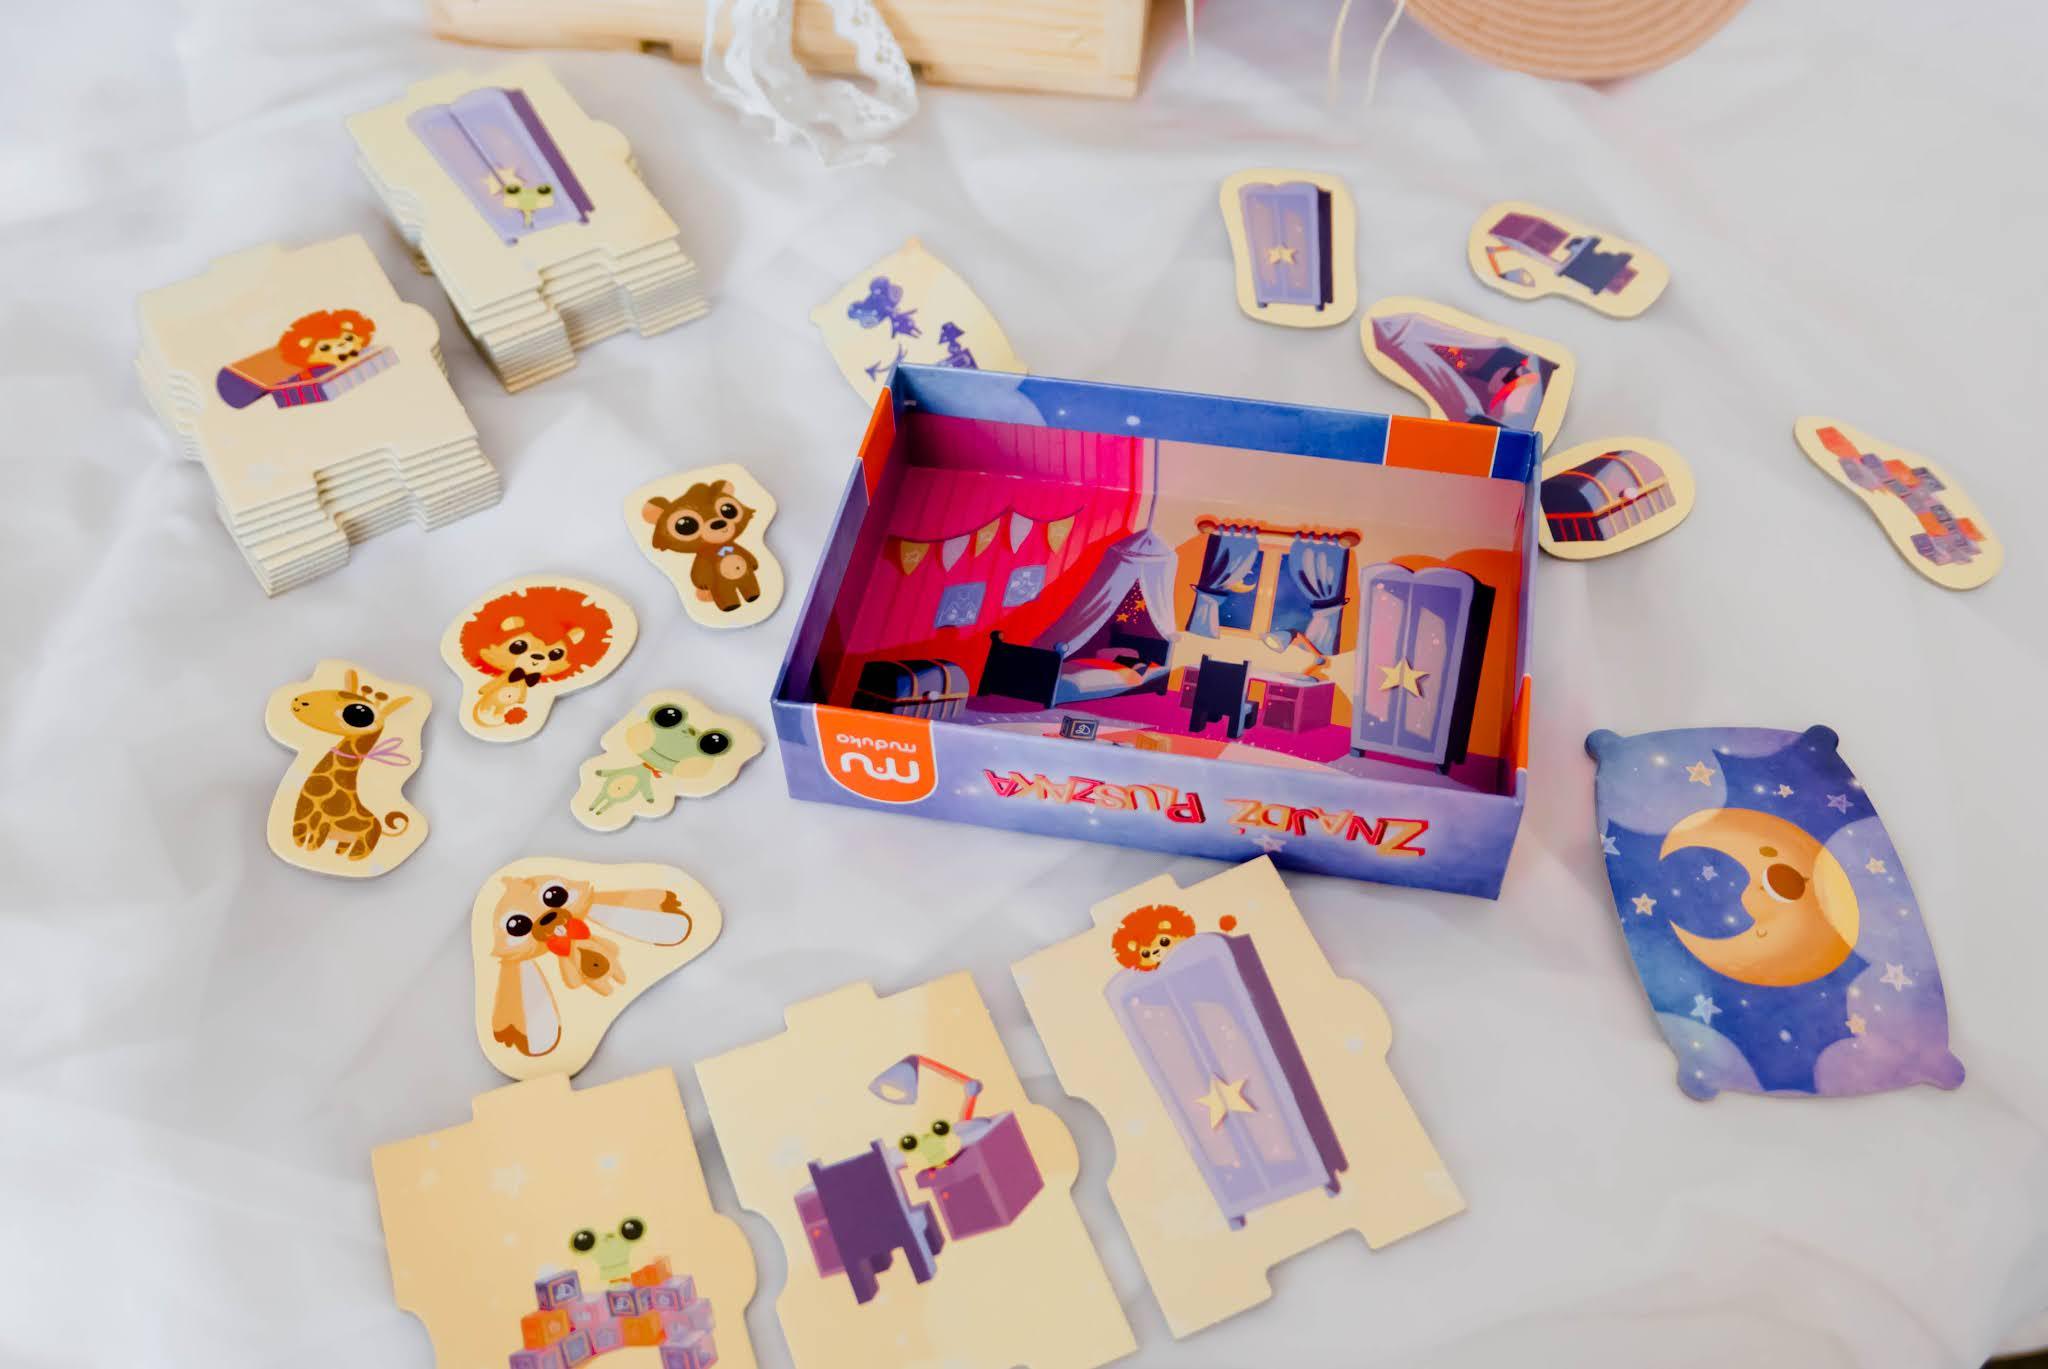 gry planszowe dla najmłodszych dzieci